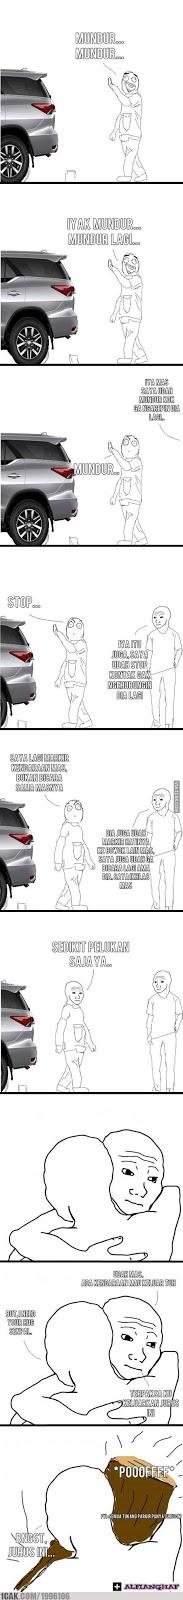 14 Meme 'Tukang Parkir Hantu' Ini Bikin Ngakak Campur Ngeselin